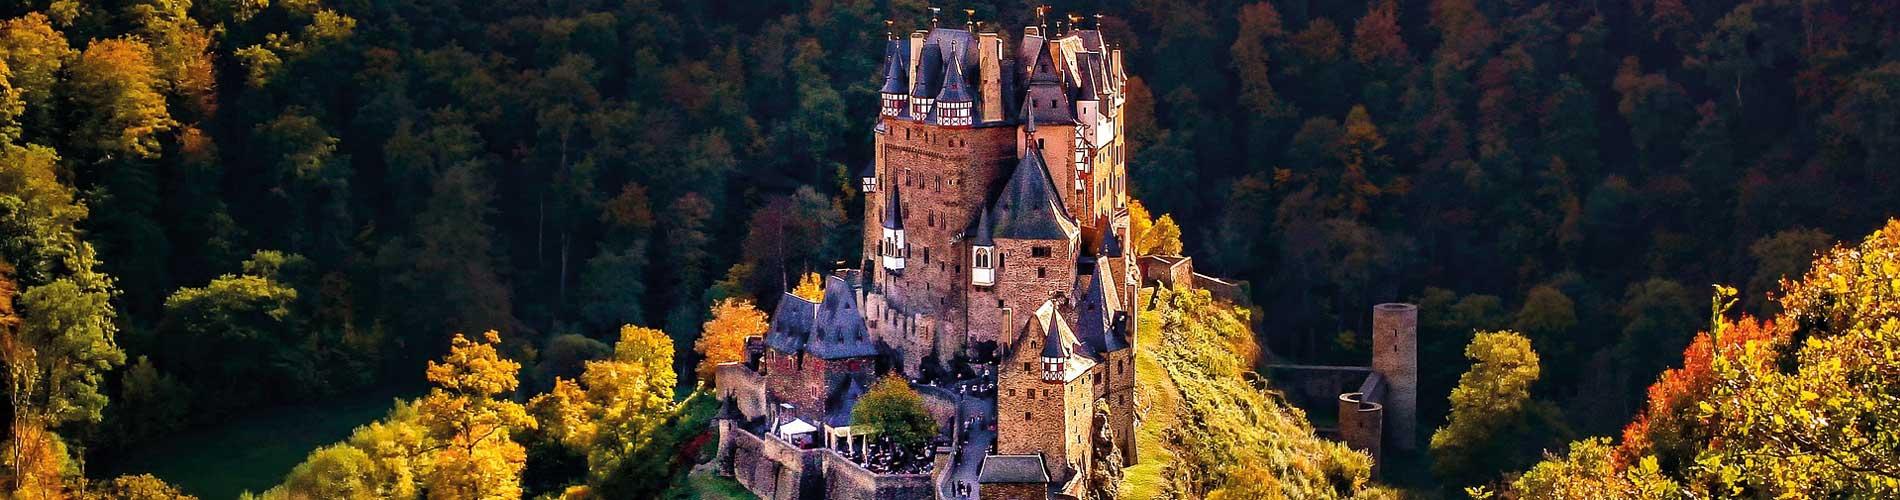 Blog_TopCastlesGermany_Burg-Eltz_1900x500